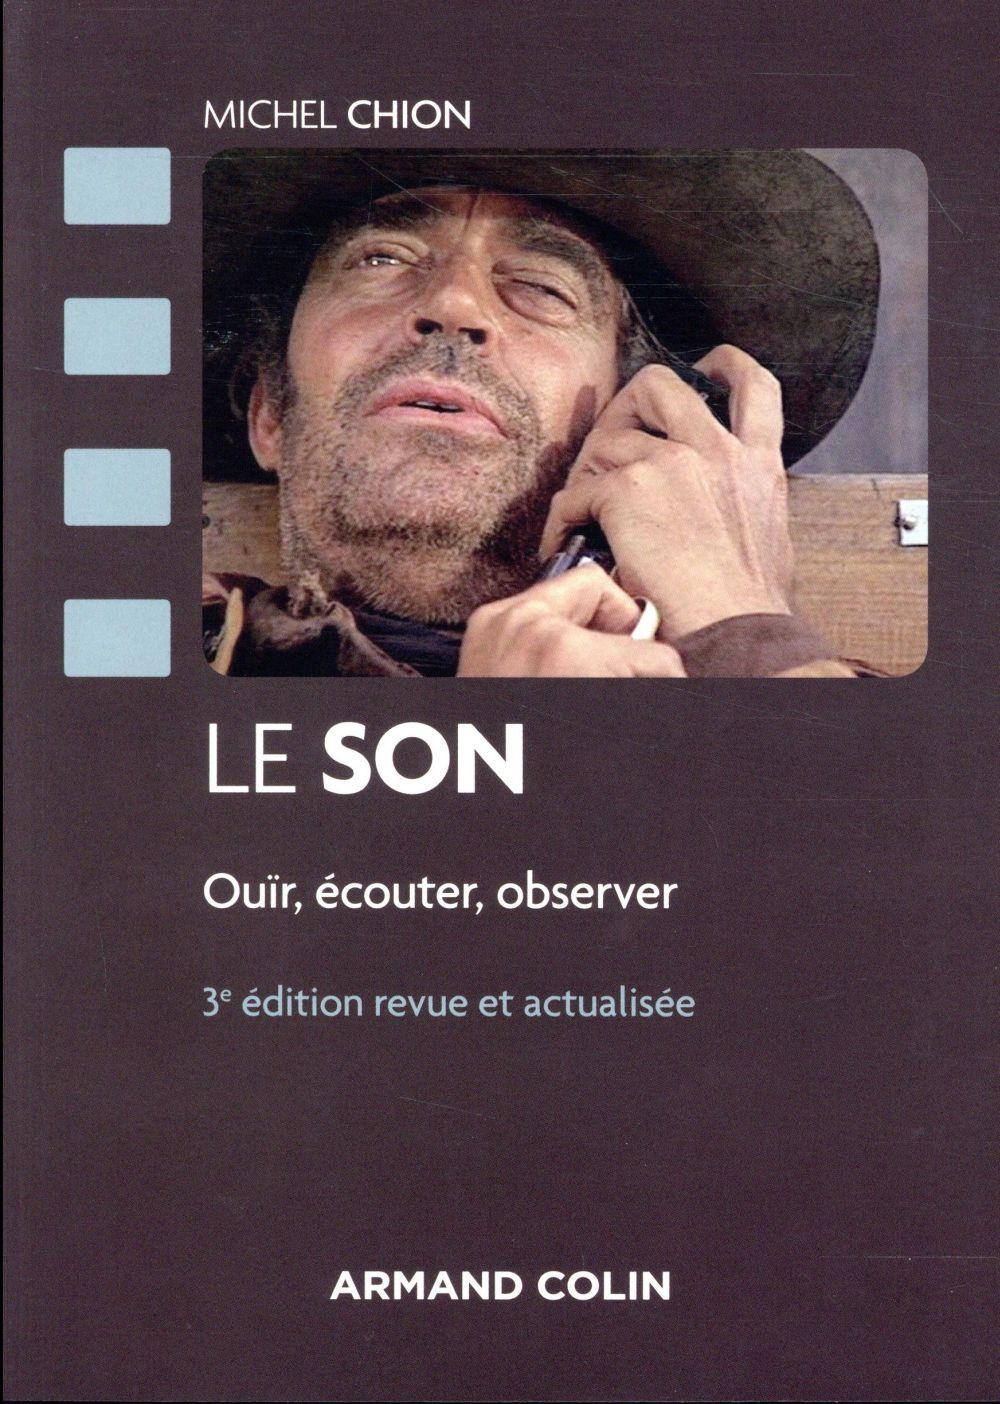 Le son ; ouir, écouter, observer (3e édition)